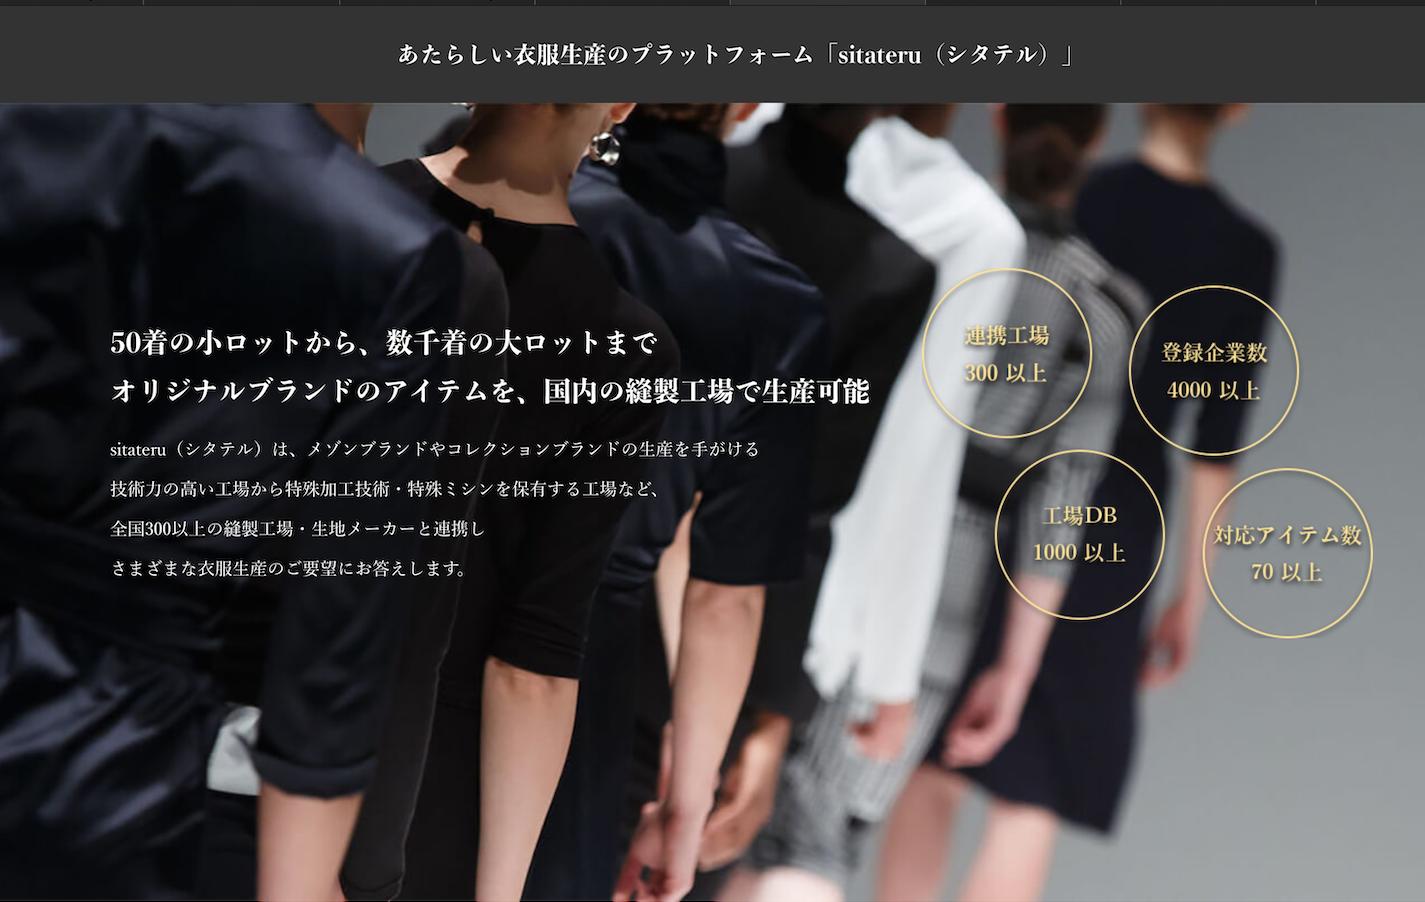 日本时装生产众包平台 sitateru 完成 C轮融资